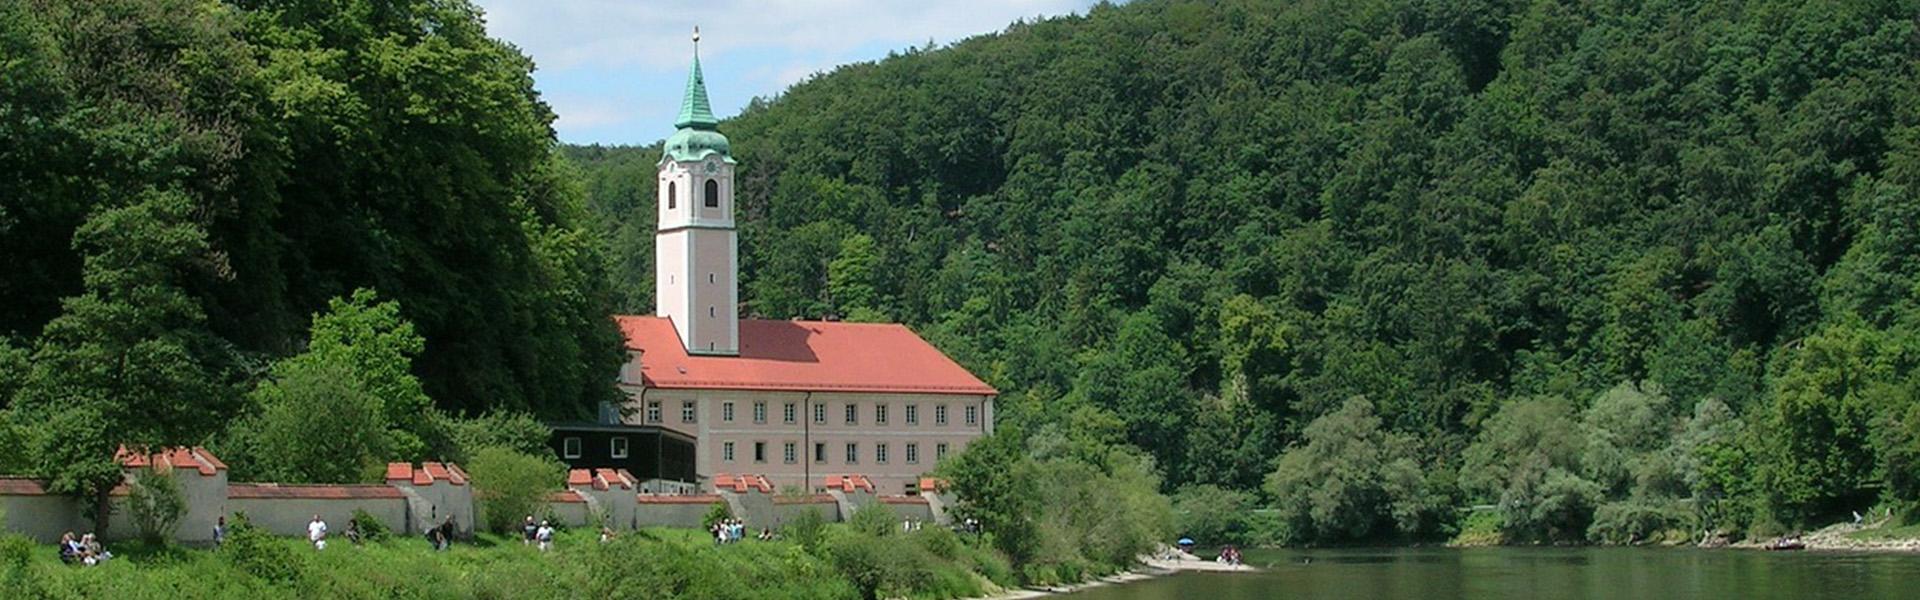 Schlossgeflüster Niederbayern